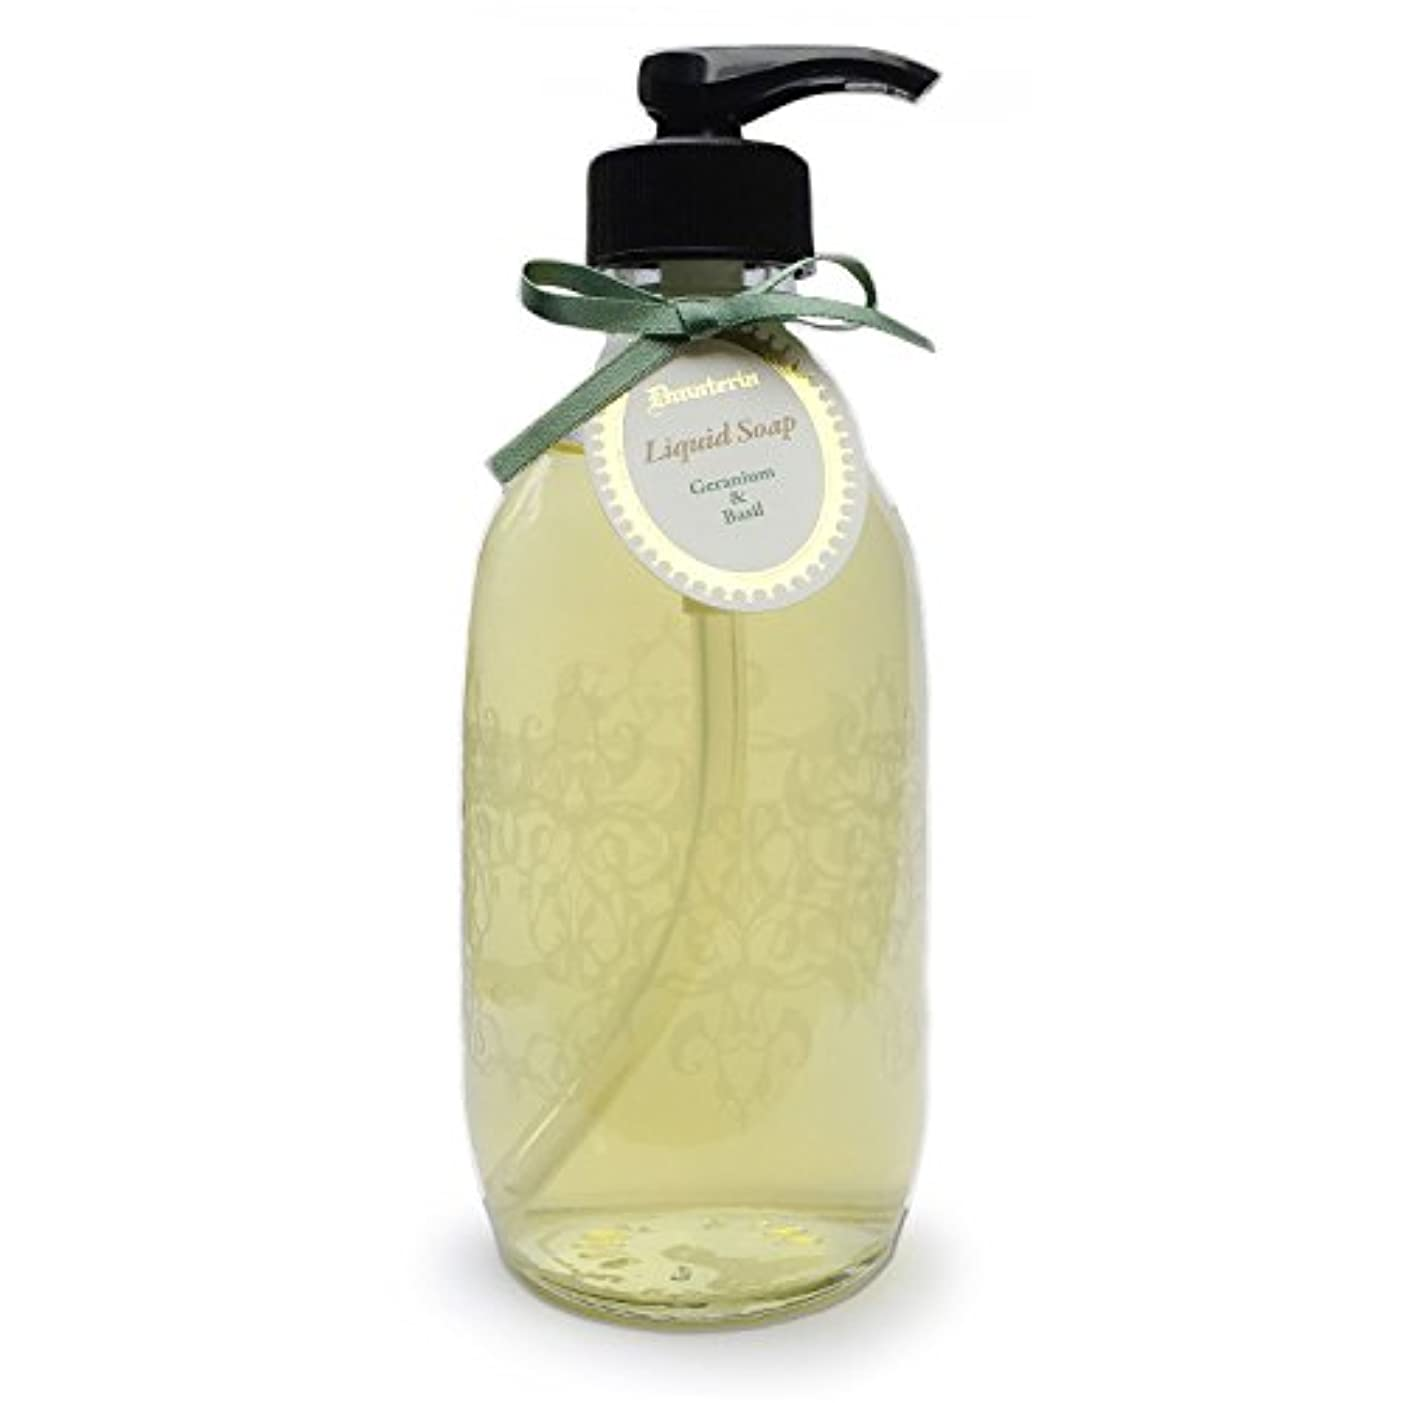 凍結ボタン不注意D materia リキッドソープ ゼラニウム&バジル Geranium&Basil Liquid Soap ディーマテリア